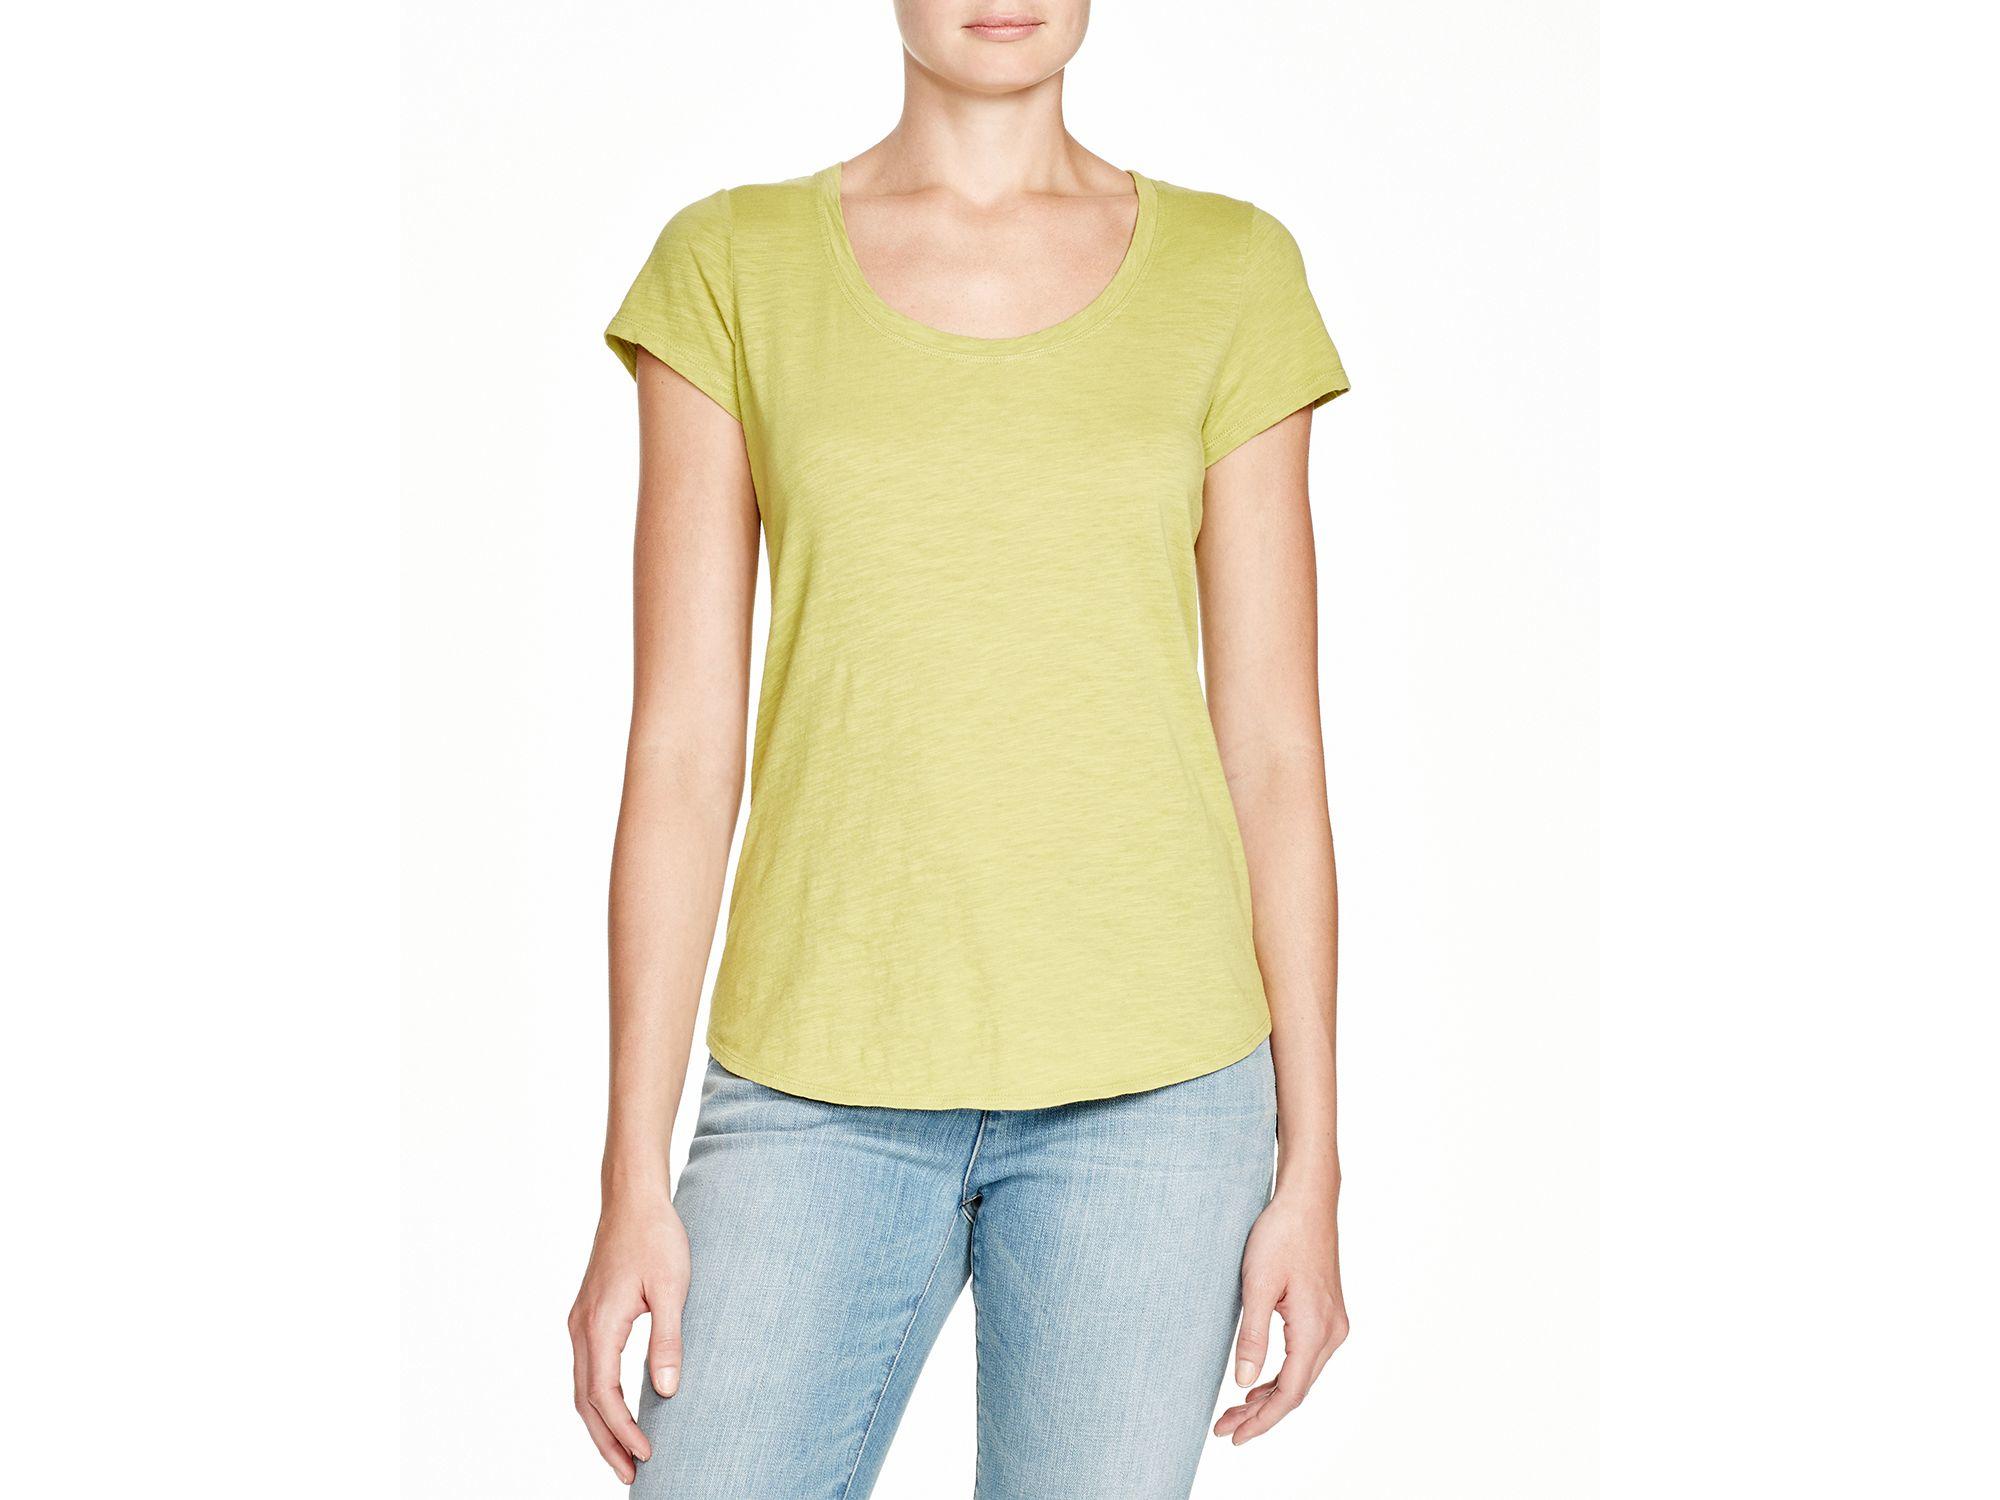 Eileen fisher organic cotton scoop neck tee in green moss for Eileen fisher organic cotton t shirt